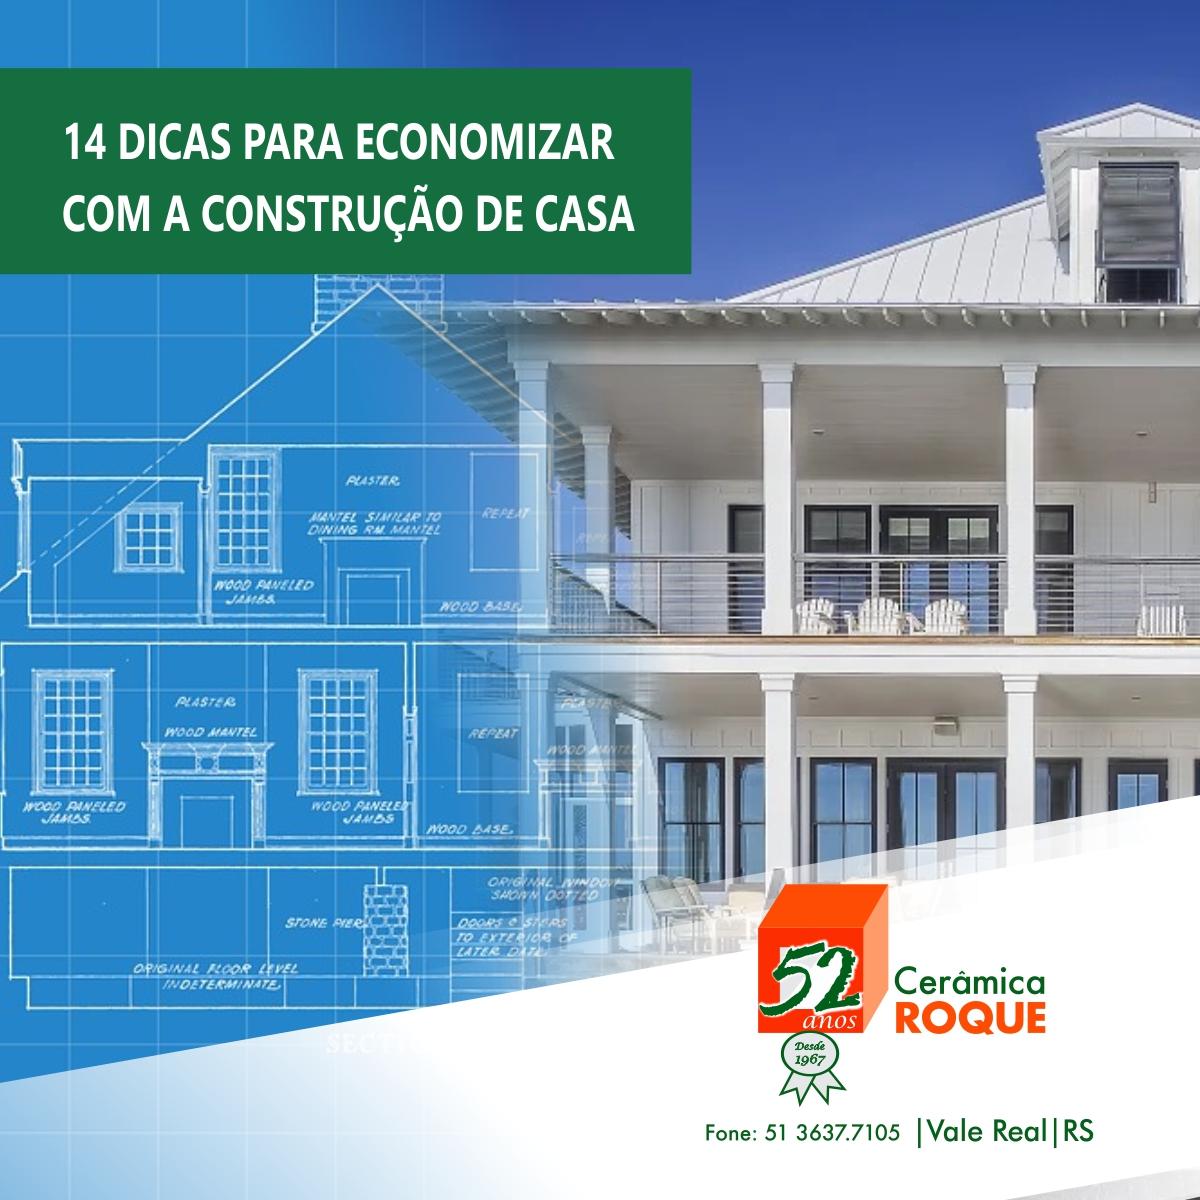 14 DICAS PARA ECONOMIZAR COM A CONSTRUÇÃO DE CASA